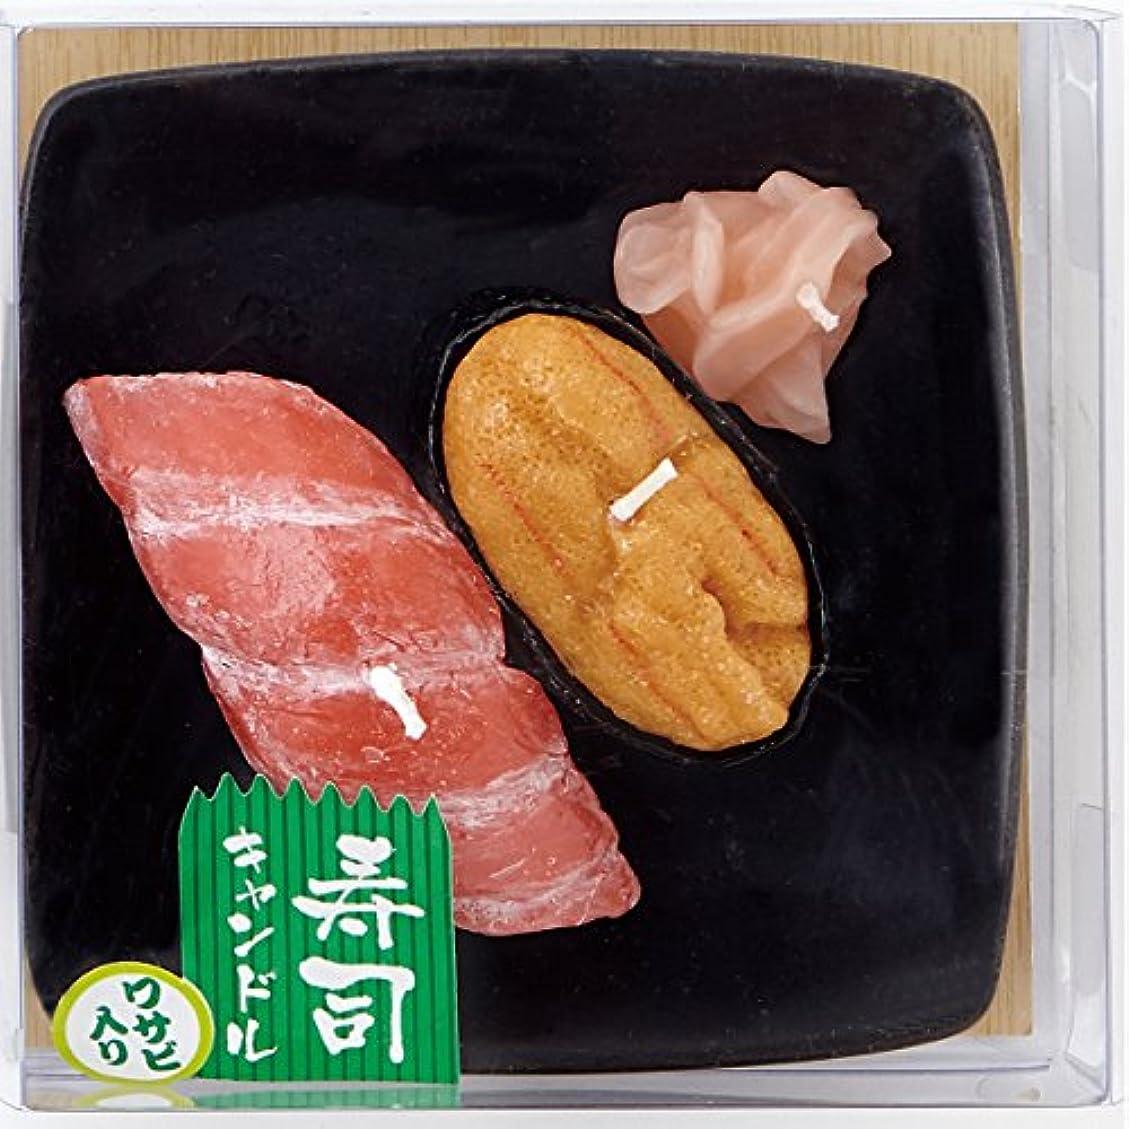 ライセンススタッフ合意寿司キャンドル C(ウニ?大トロ) サビ入